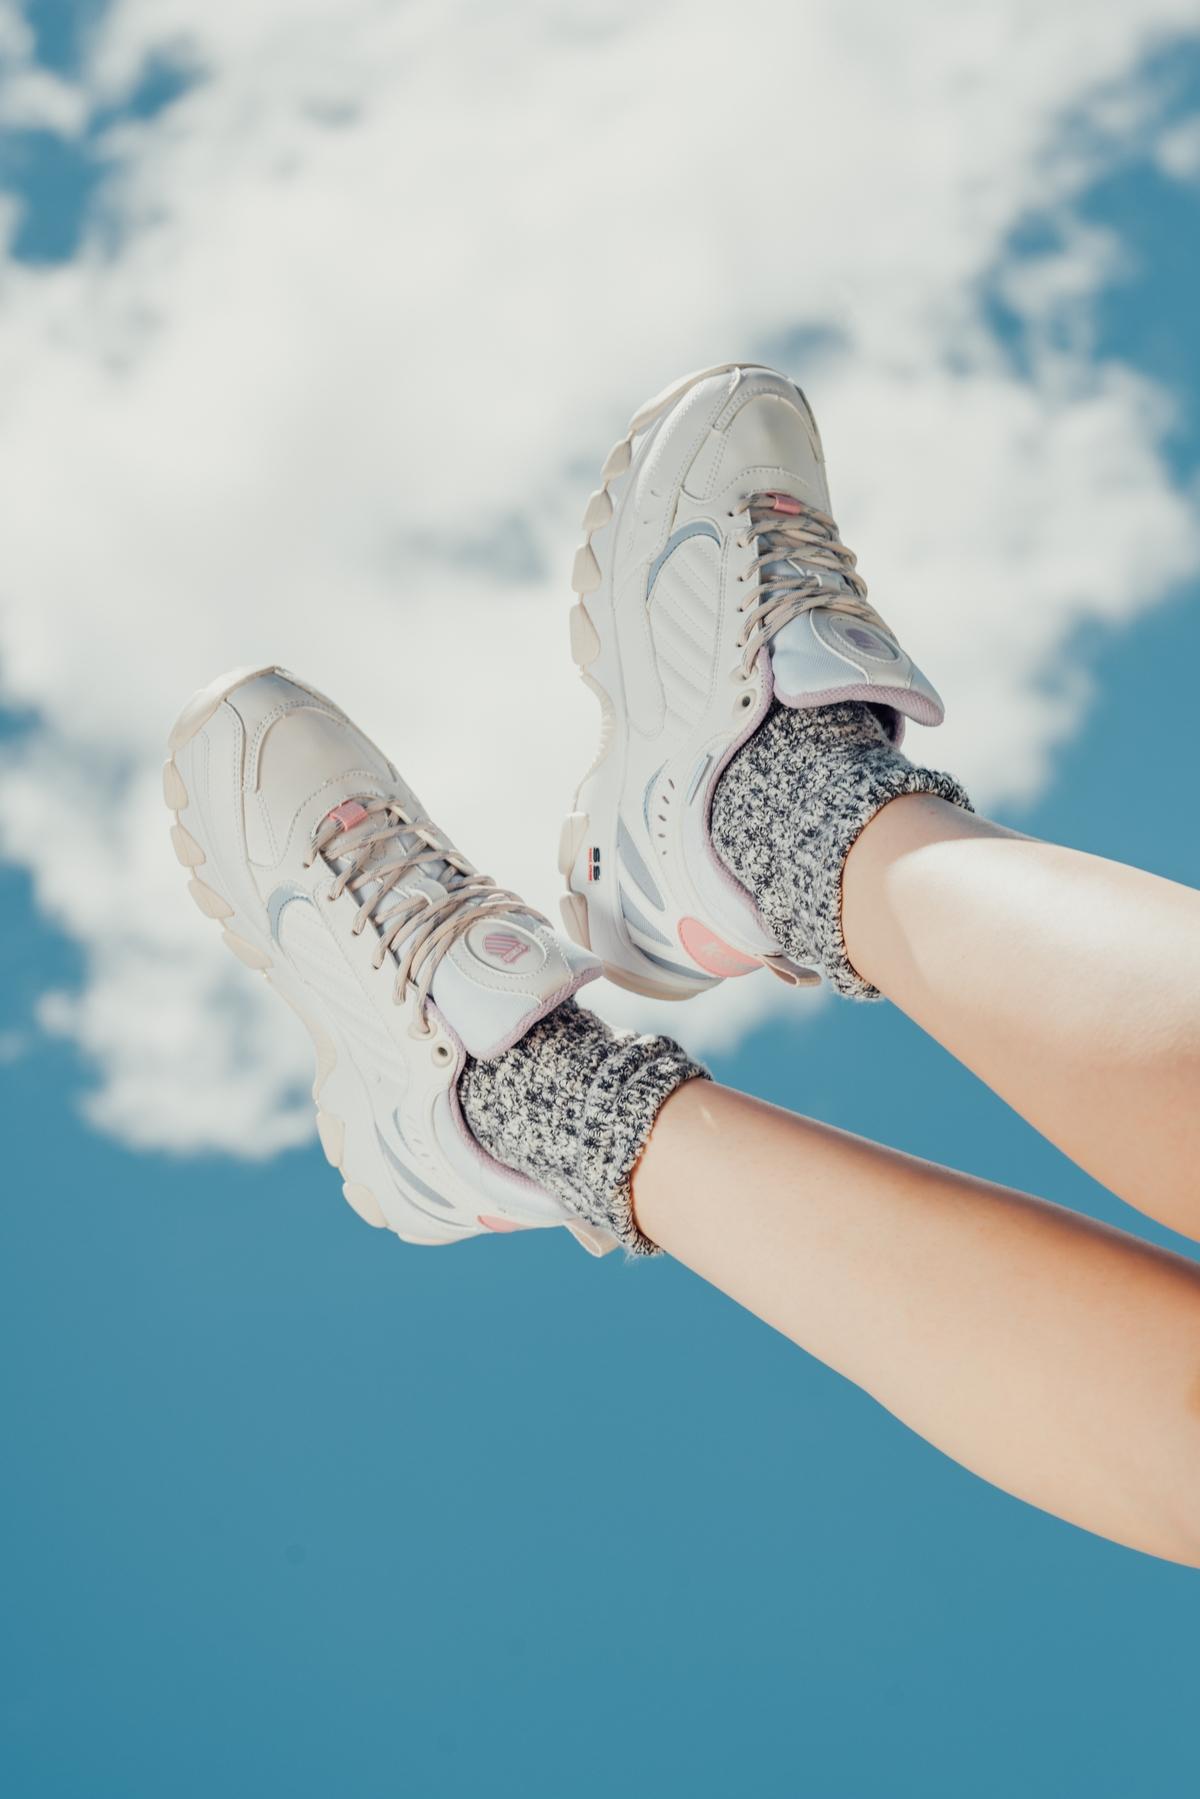 誰說雨天不能優雅漫步!黑嘉嘉穿上K-Swiss最新HP329WP潮鞋再現女神風範!